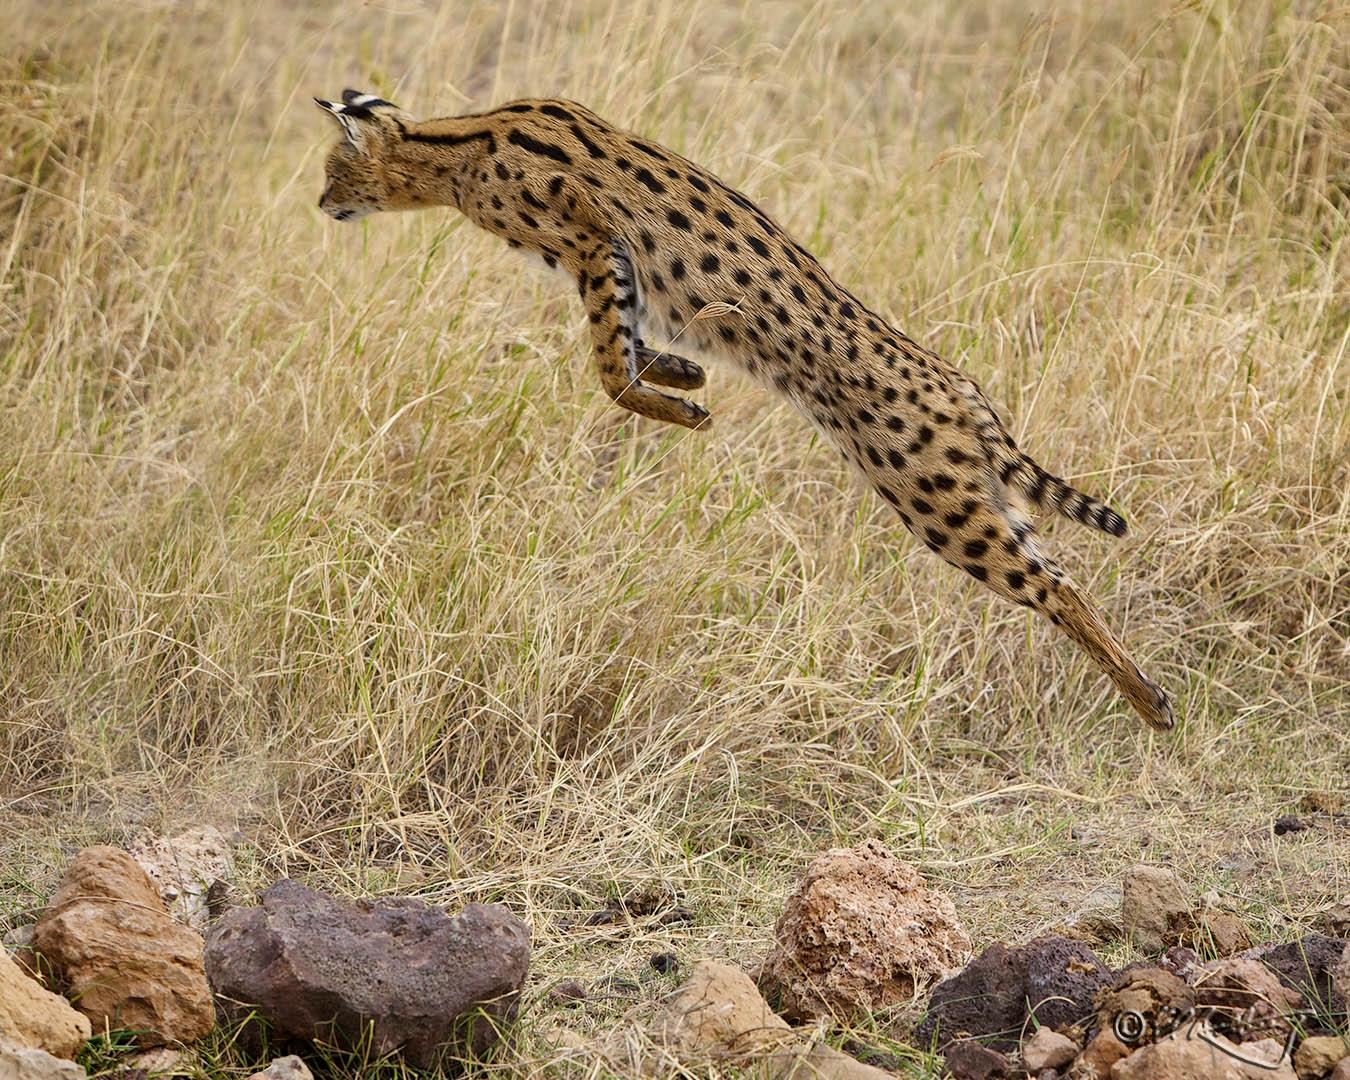 Serval_Cat_in_flight-c65